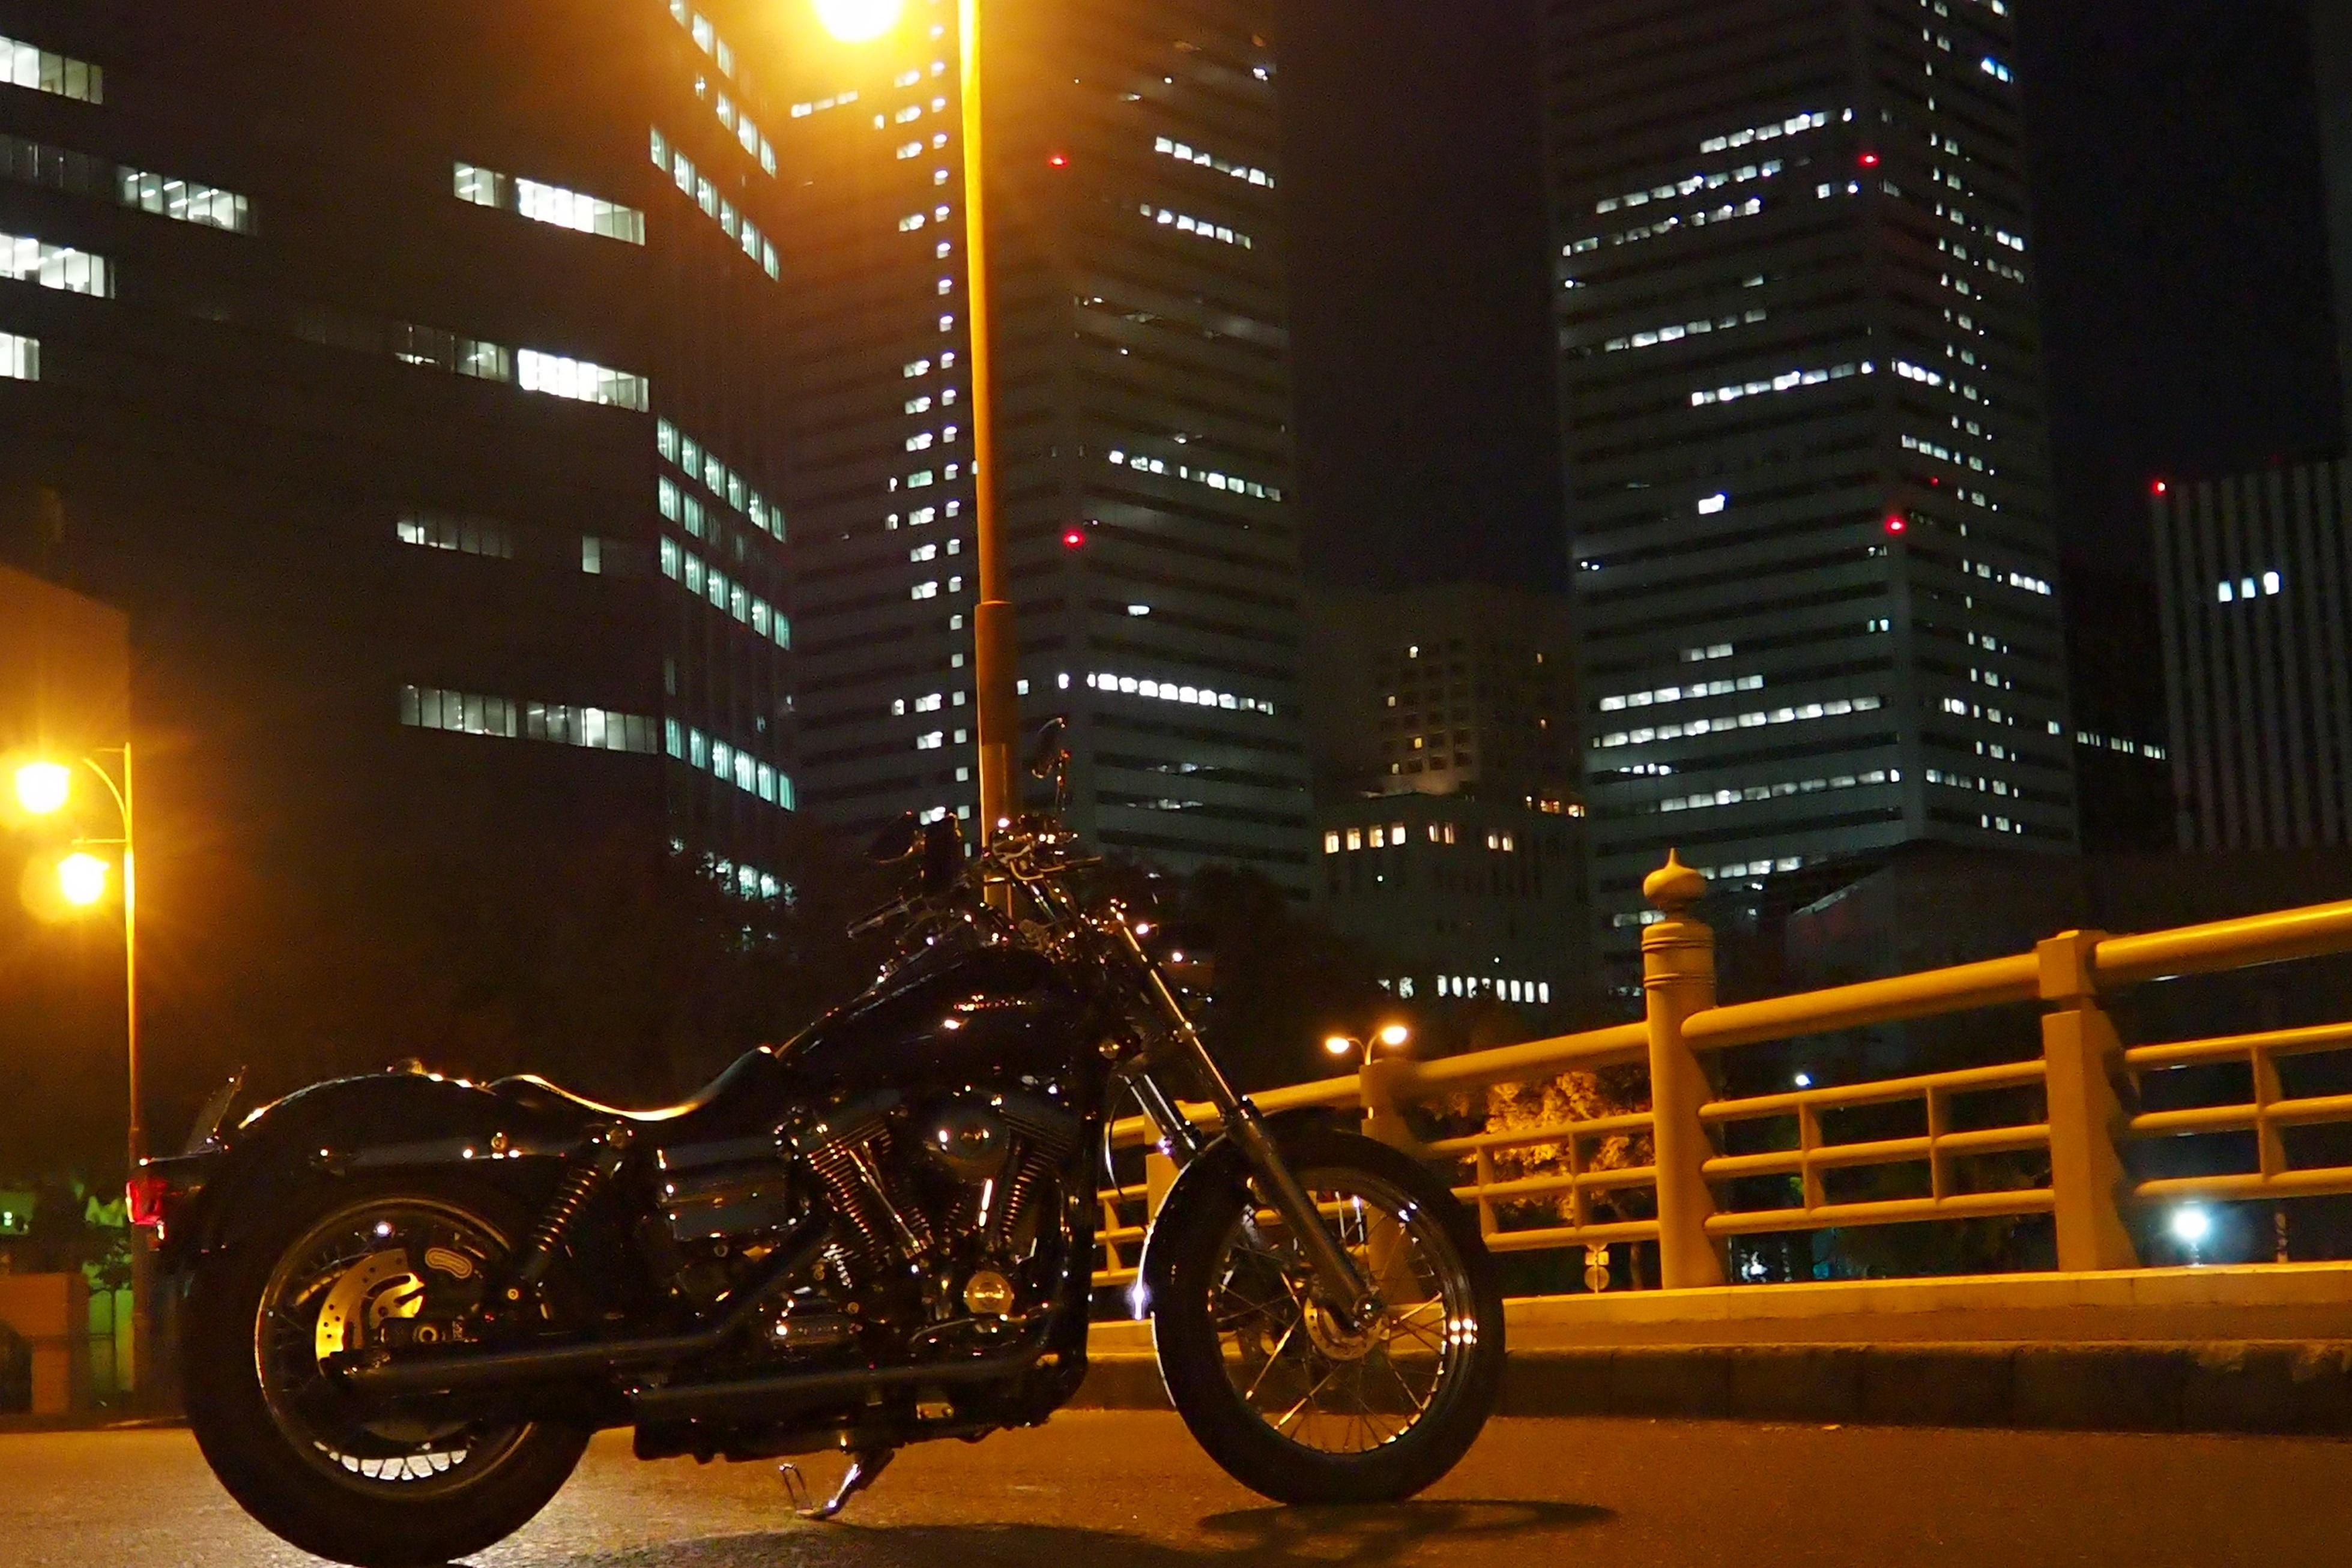 harleydavidson-motorcycle-touring-blog-osaka-nightouringt-osakabusinesspark.jpg